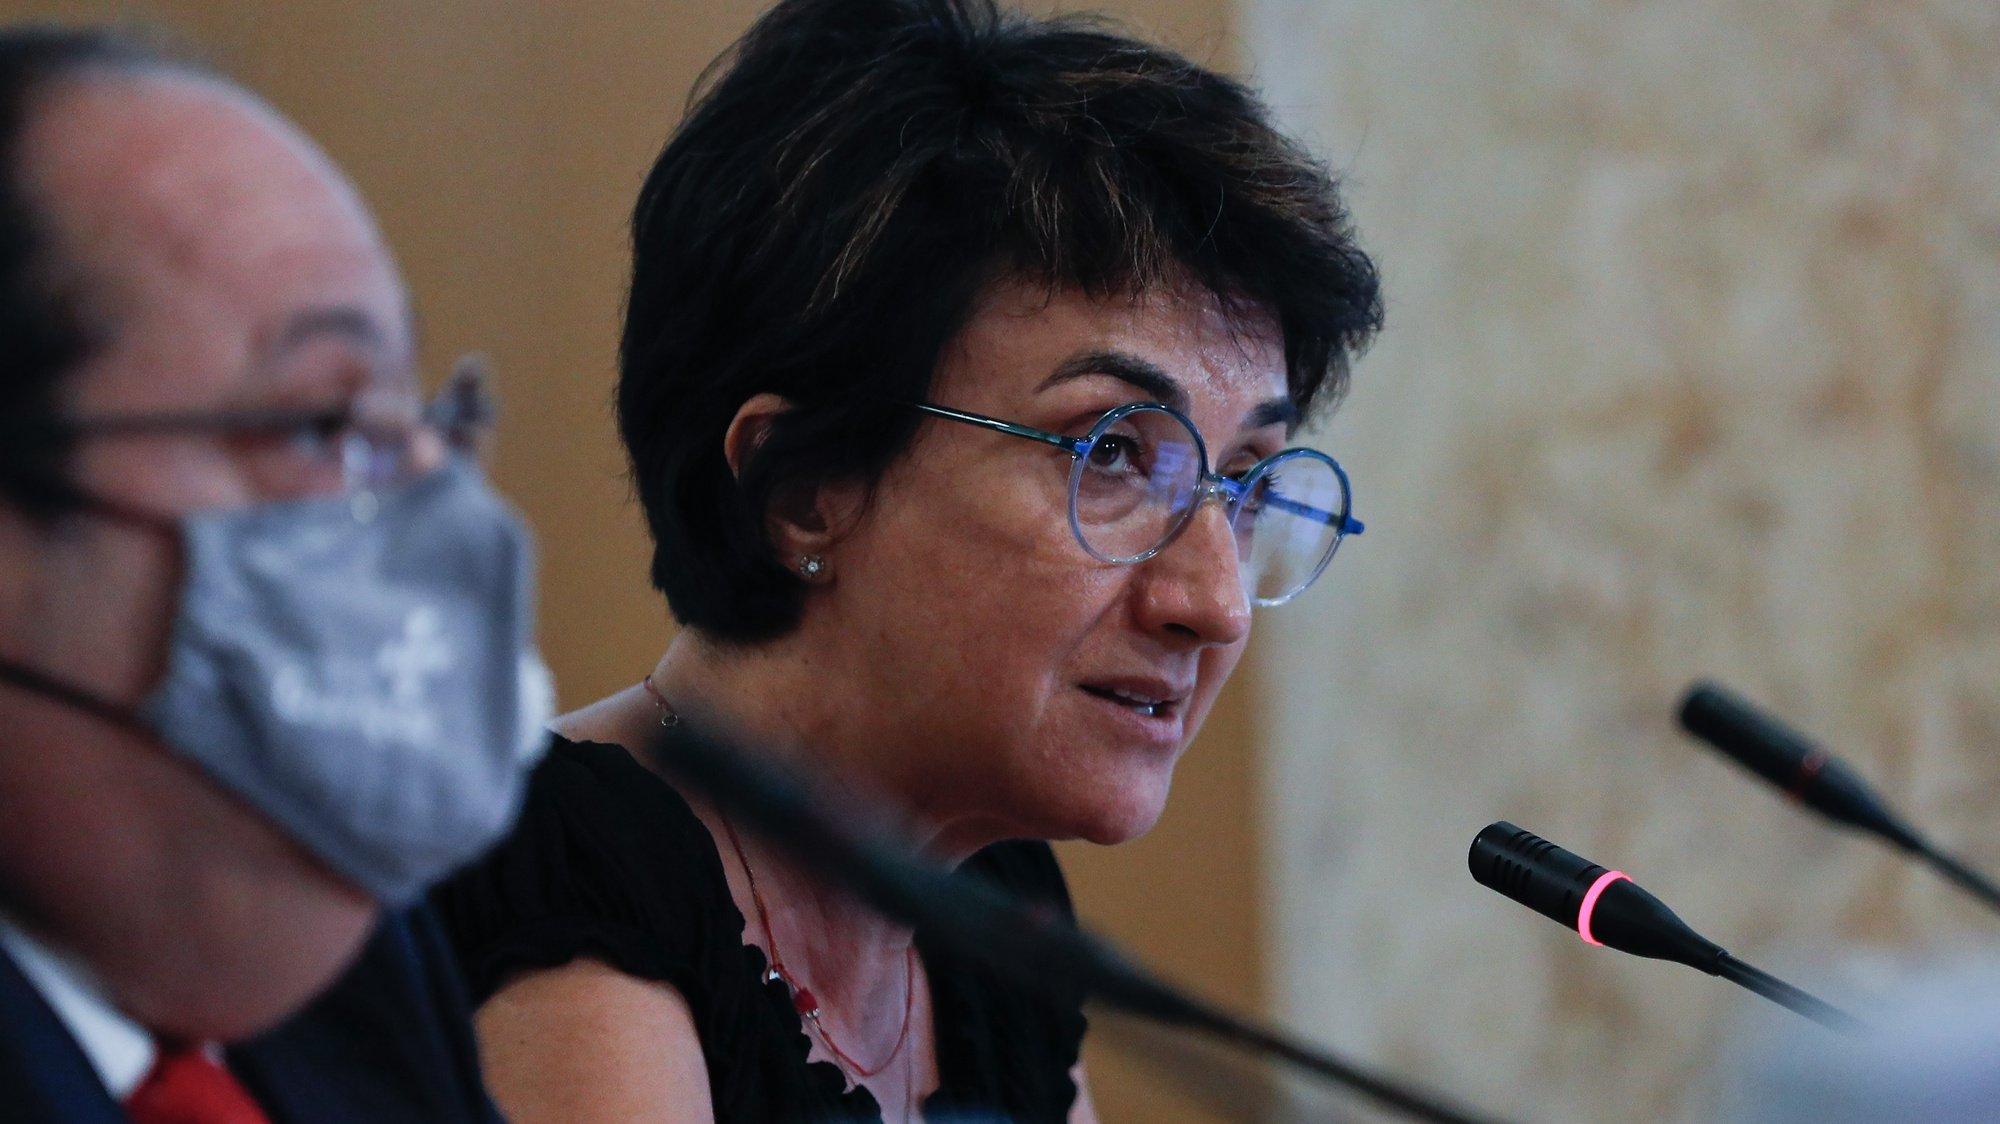 """A ministra da Agricultura, Maria do Céu Antunes, durante a audição conjunta com o  ministro da Administração Interna, Eduardo Cabrita (ausente na fotografia), na comissão de Agricultura e Mar, no âmbito dos acontecimentos nos abrigos """"Cantinho das Quatro Patas"""" e """"Abrigo de Paredes"""", na Assembleia da República, em Lisboa, 30 de julho de 2020. ANTÓNIO COTRIM/LUSA"""